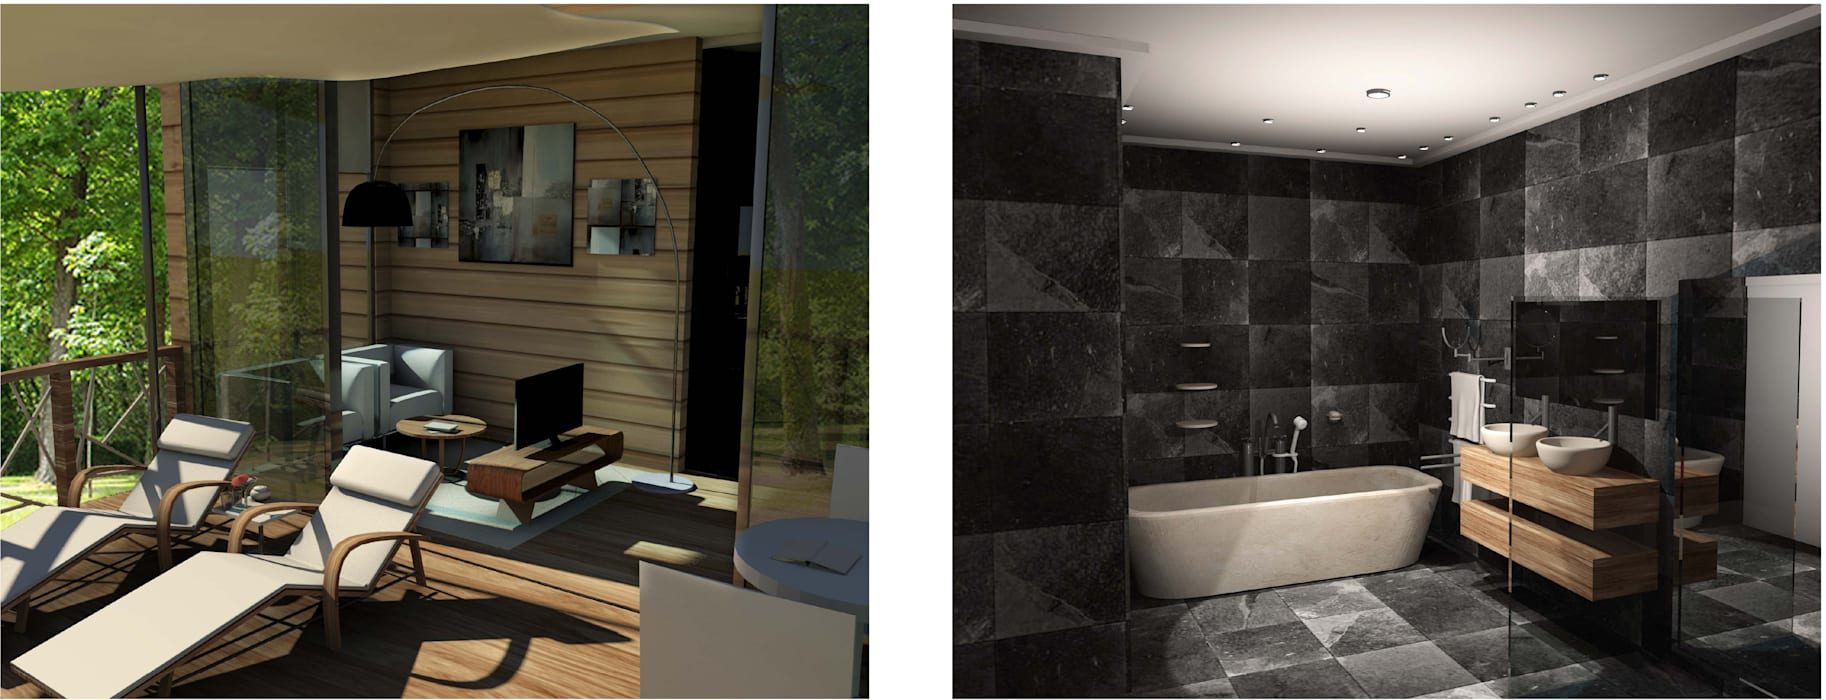 Chambre d'hotel: Hôtels de style  par Sandra & Milena Design